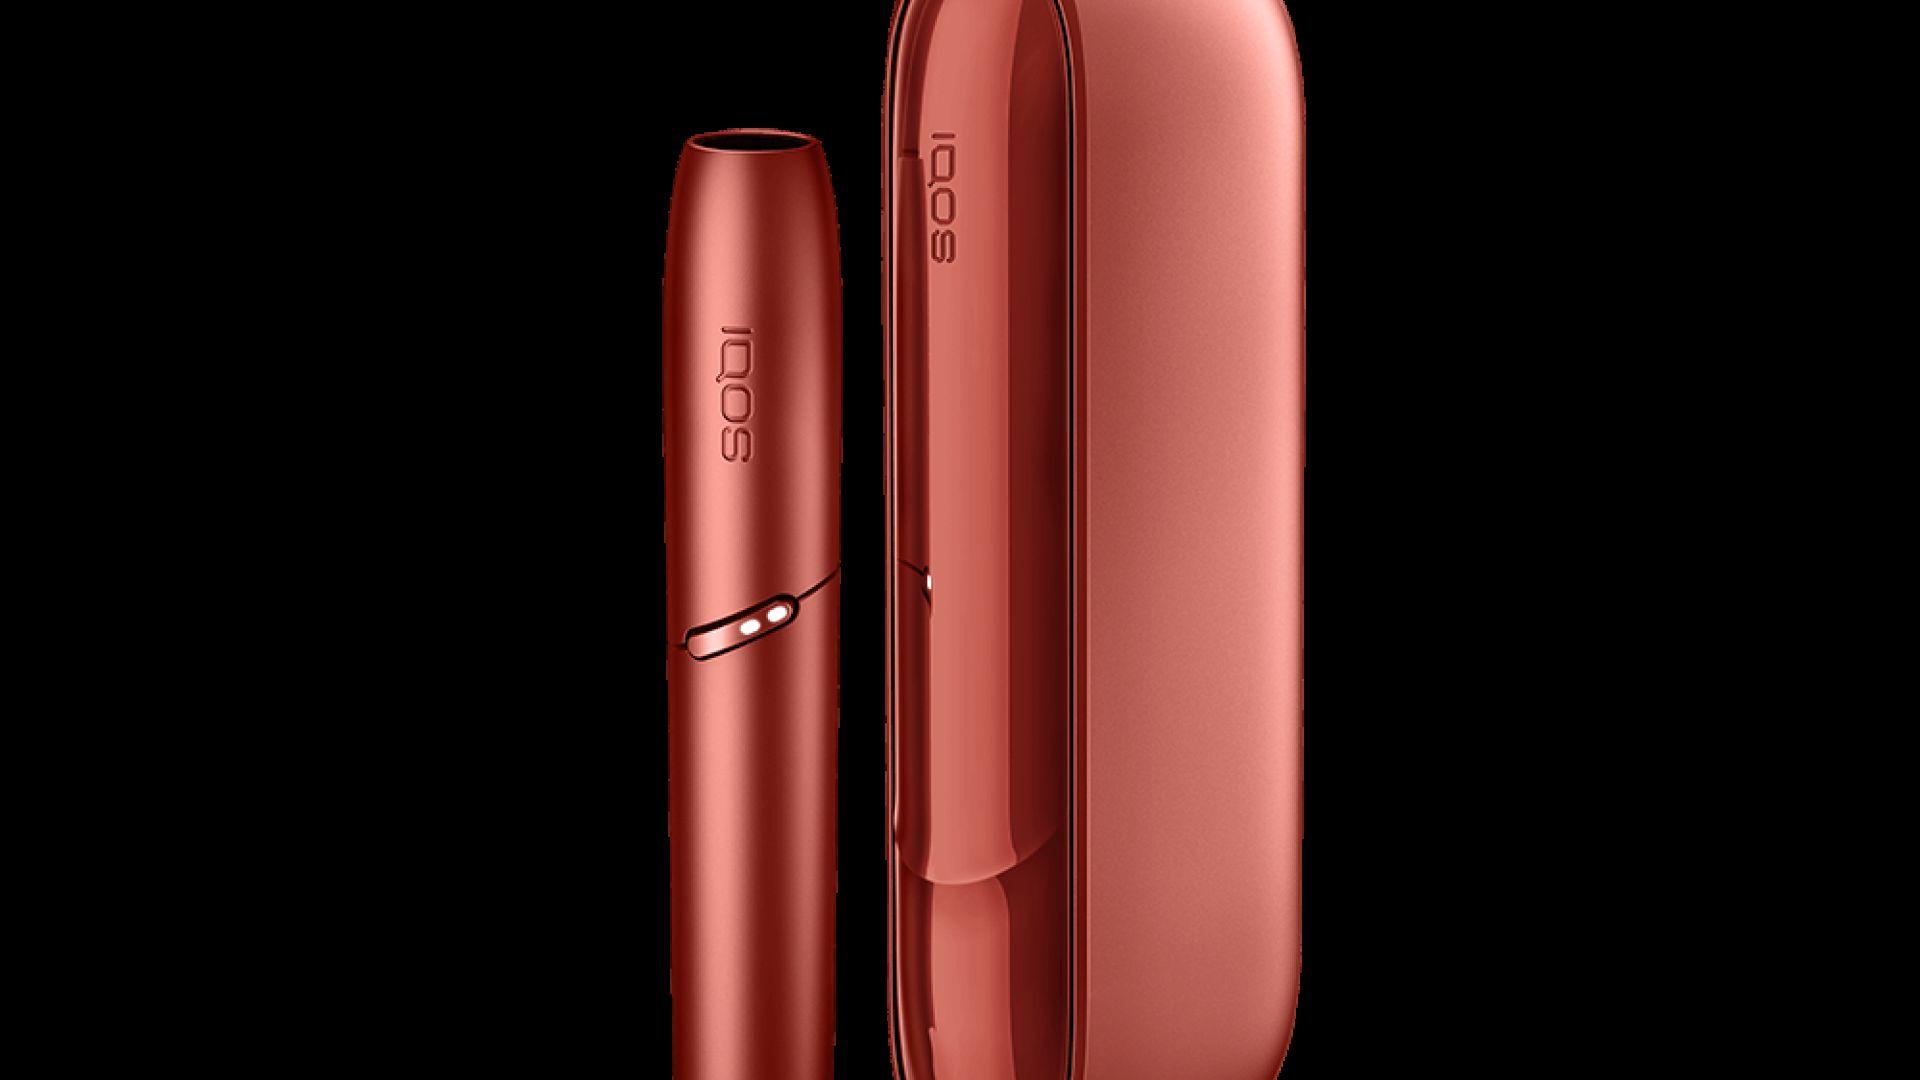 Филип Морис Интернешънъл представя нов модел устройство за нагряване на тютюн на световния пазар - IQOS 3 DUO